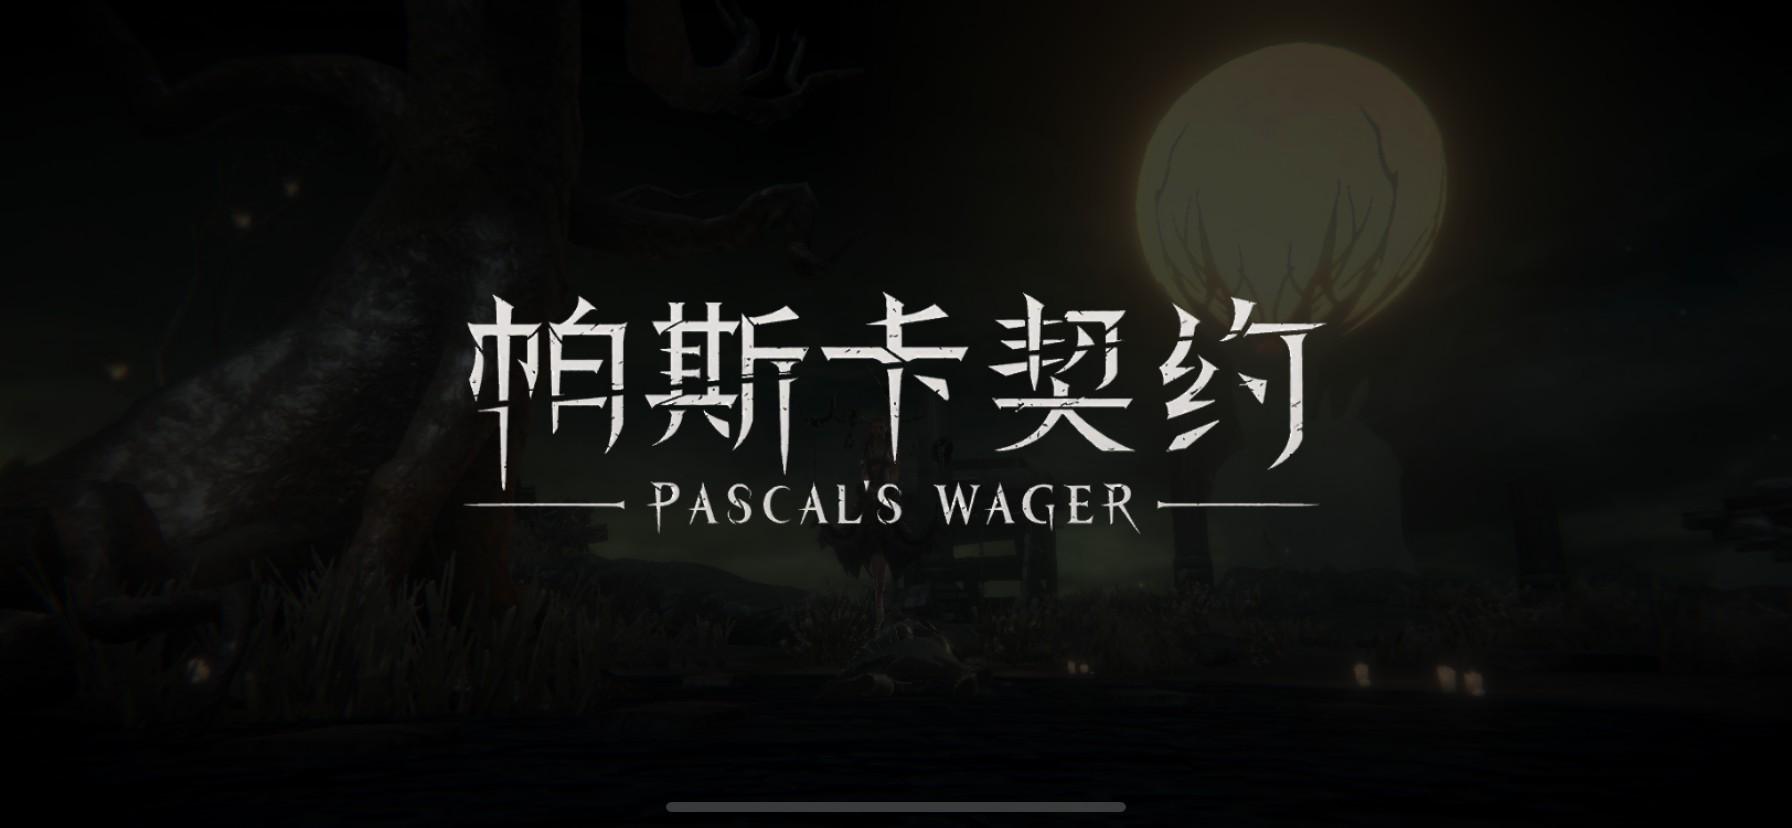 《帕斯卡契约》评测:移动端硬核魂系游戏[多图]